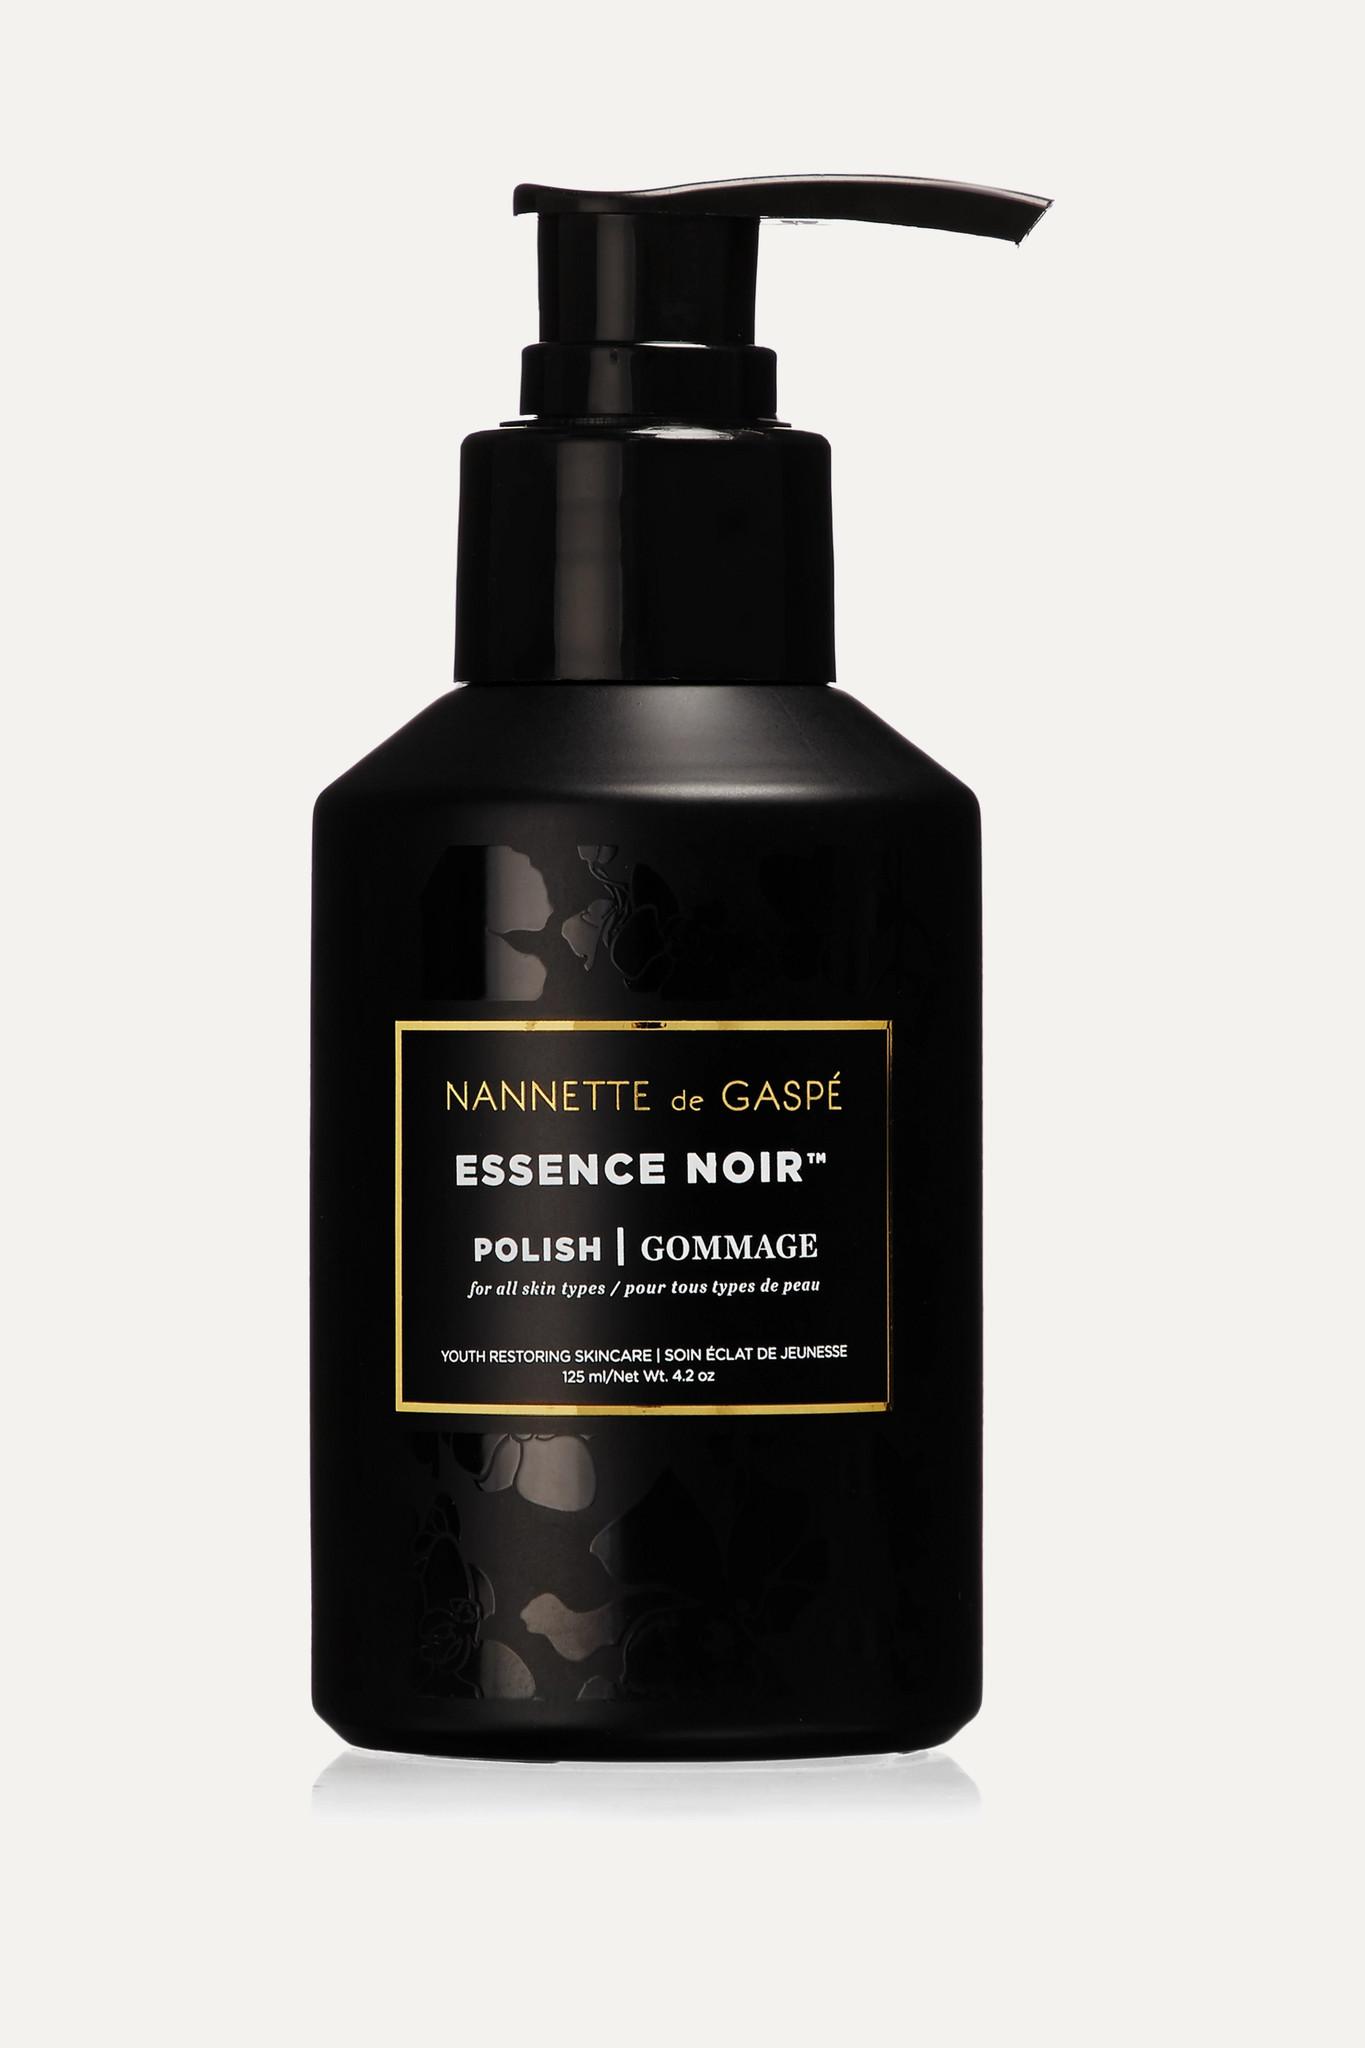 NANNETTE DE GASPÉ - 黑色艺术磨砂膏,125ml - 无色 - one size